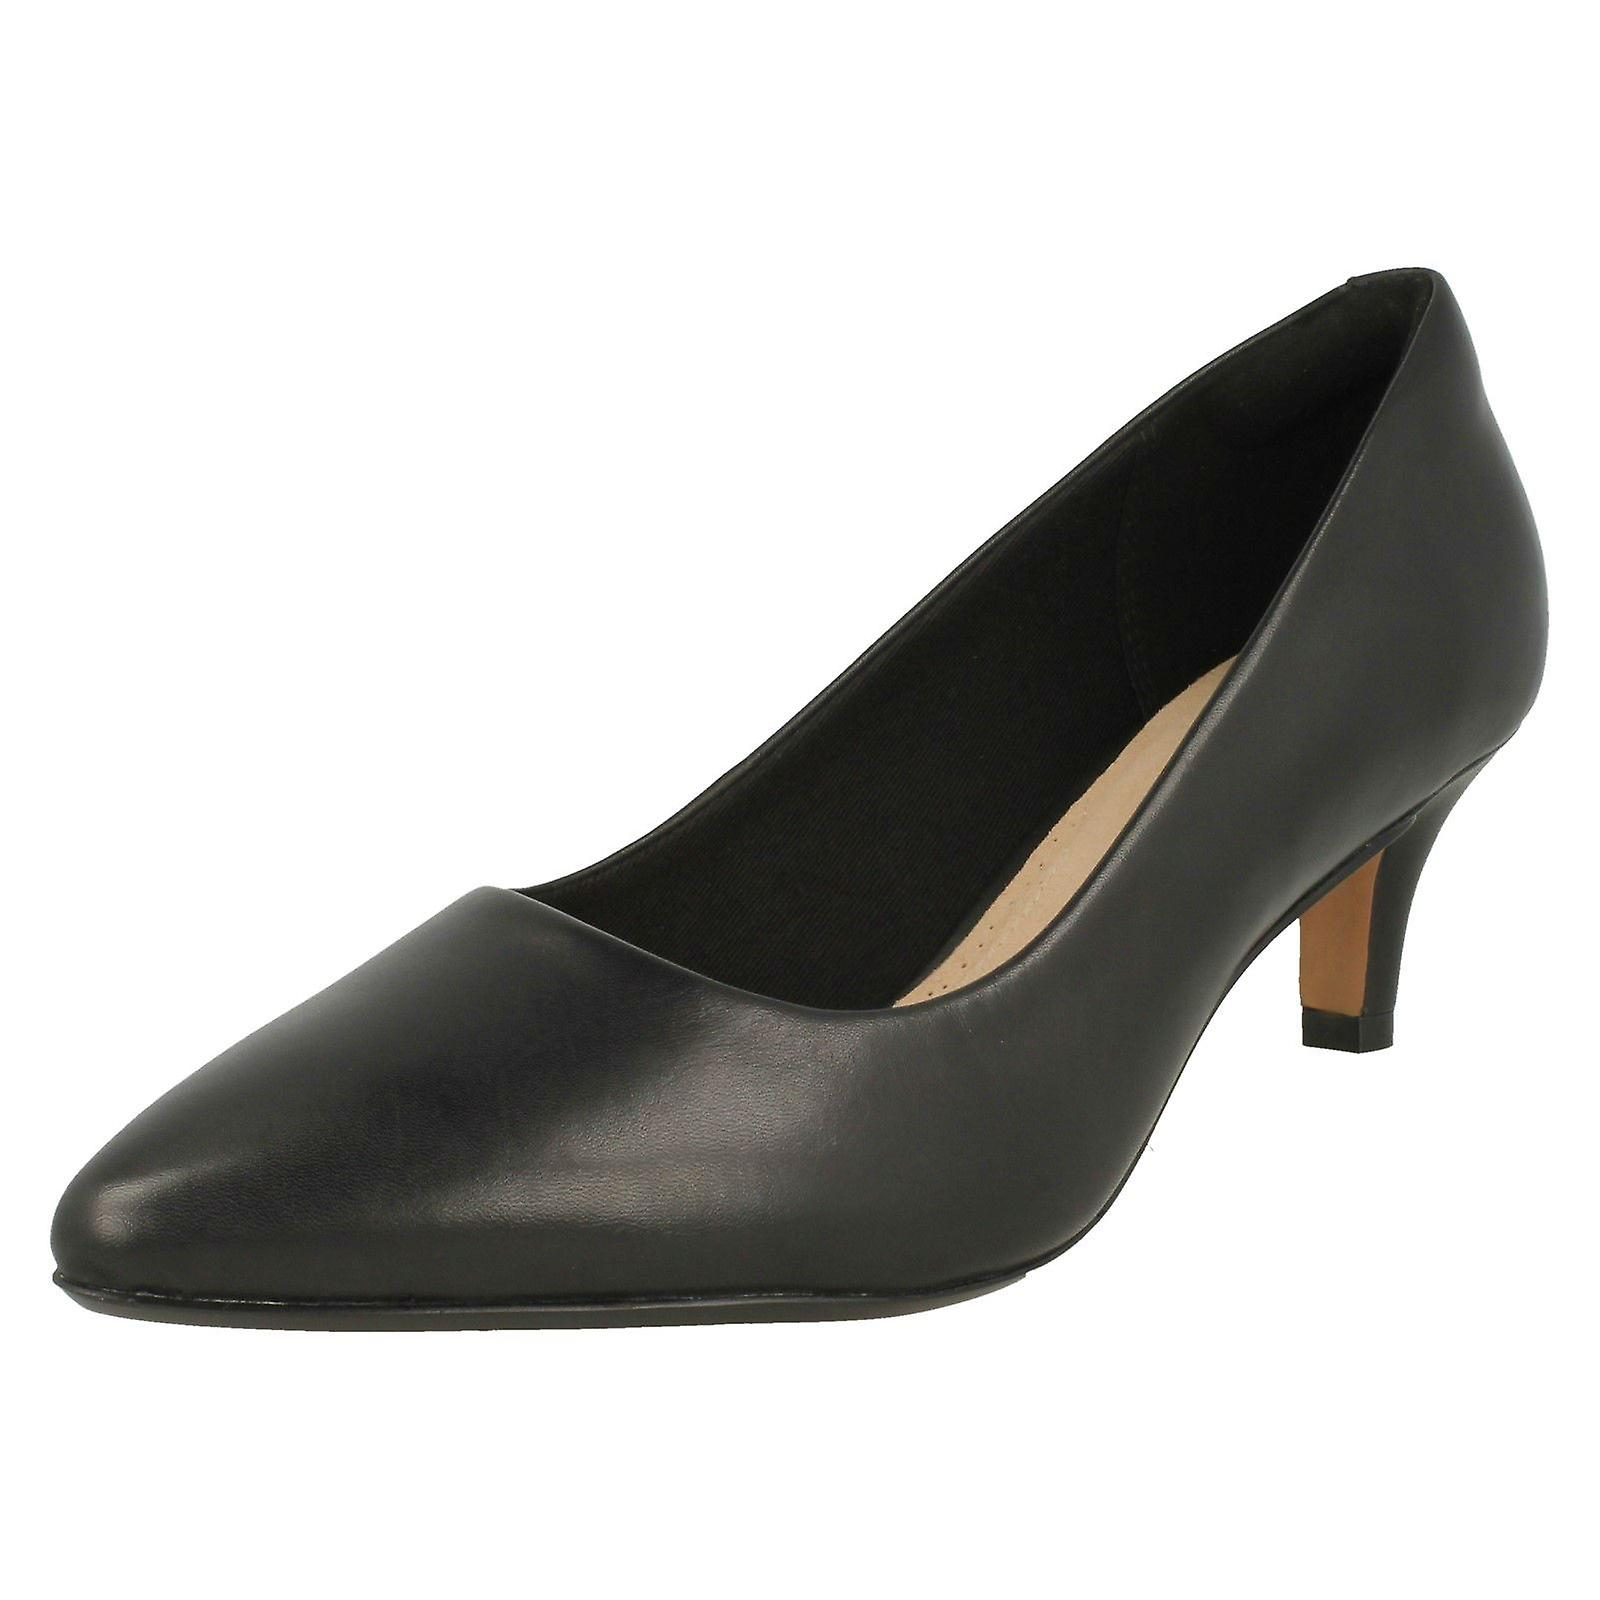 Clarks damskie wskazał sąd Toe buty Linvale Jérica tdXDN